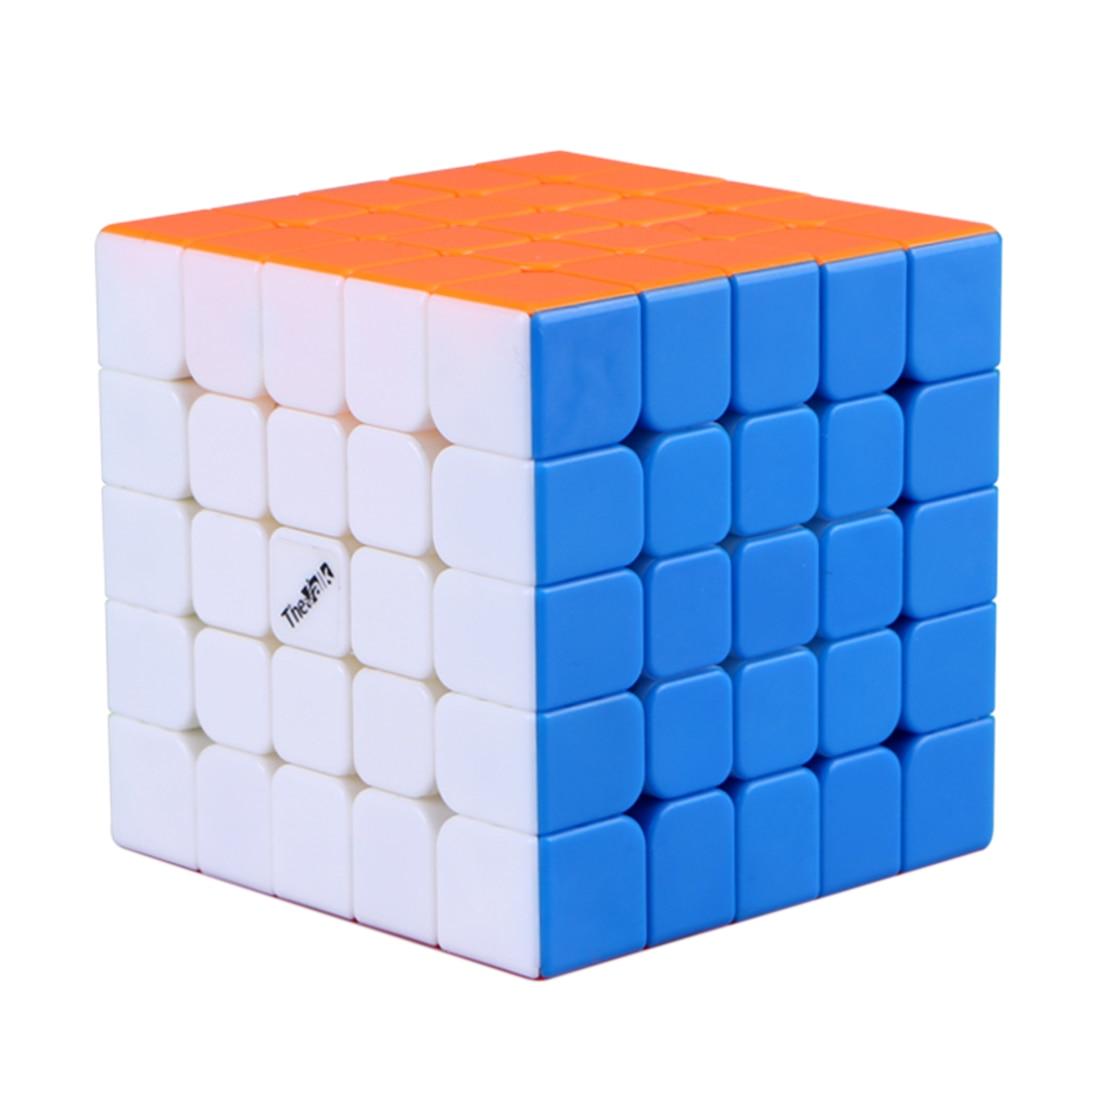 Surwish Valk 5 M Cube magique Cube carré 5x5 Cube magique professionnel 5 par 5 Speedcube-coloré noir